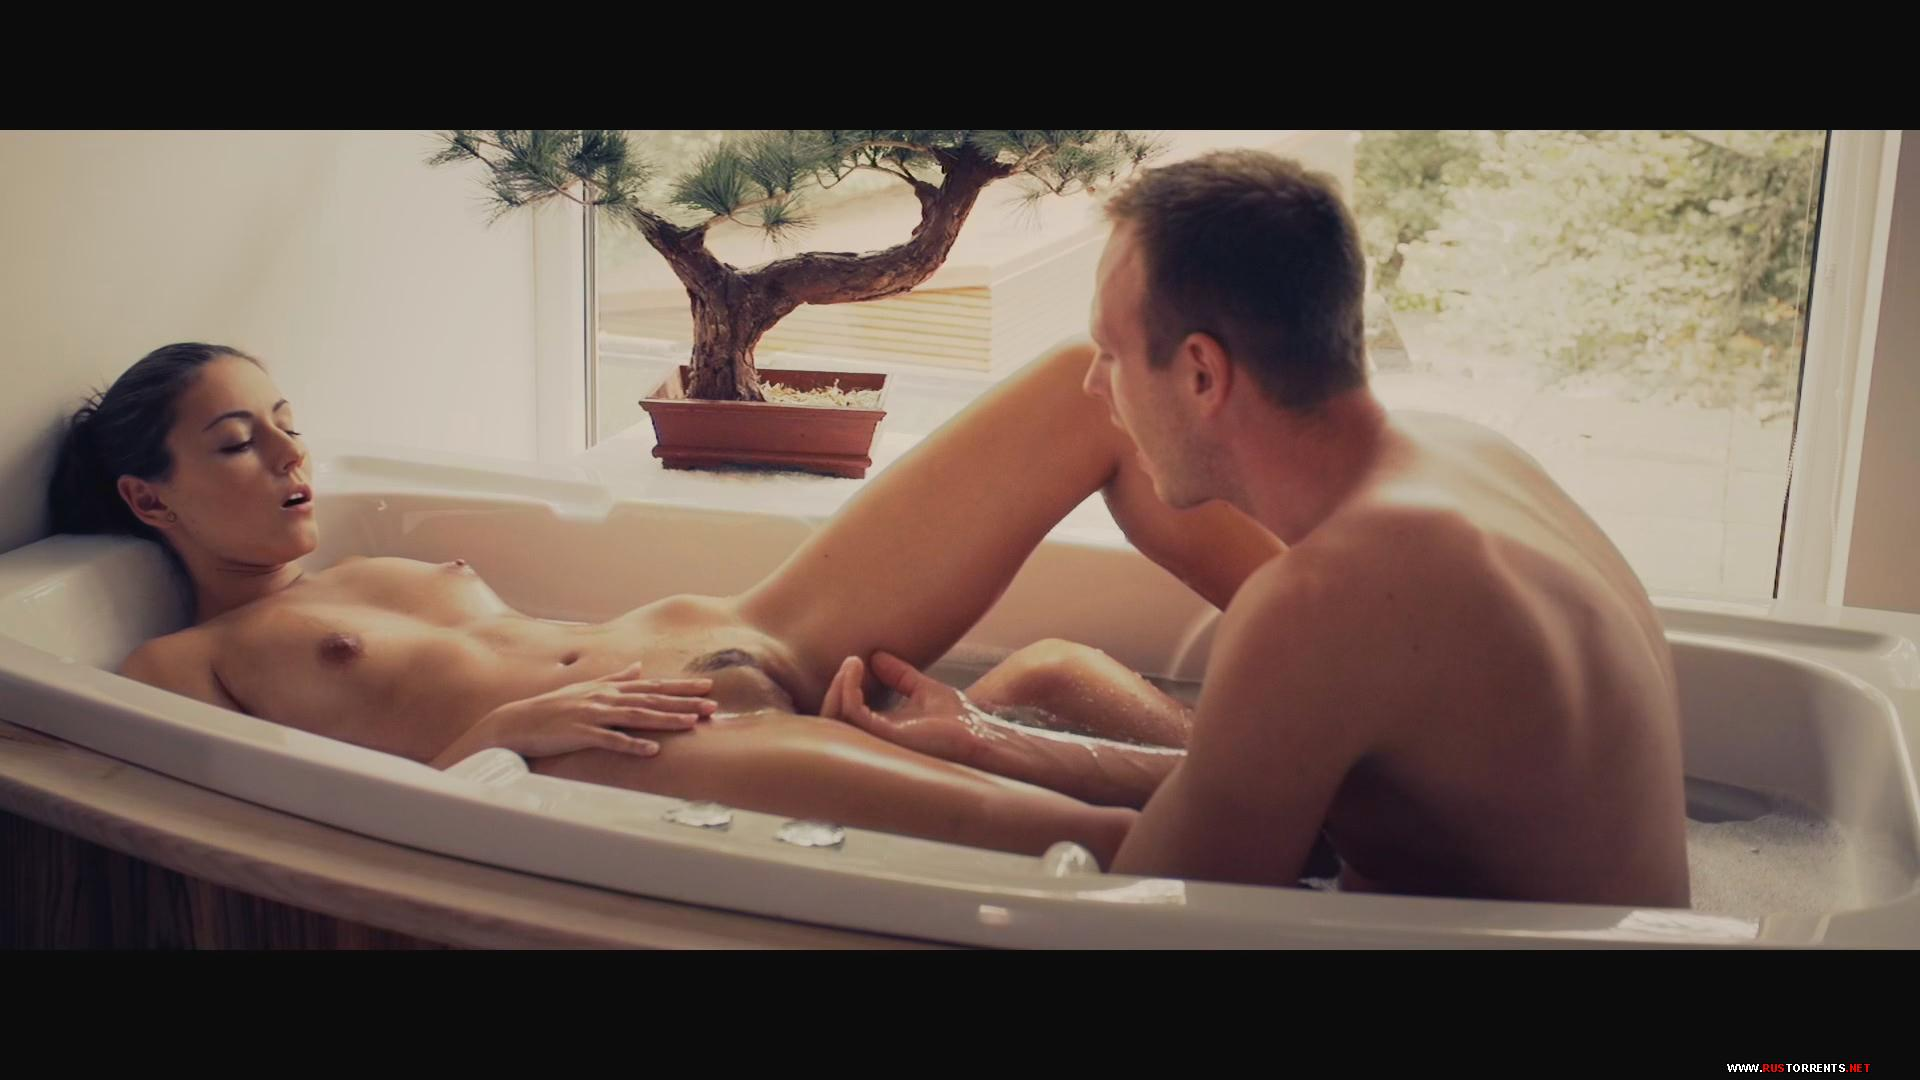 Смотреть порно в сеновале онлайн 21 фотография